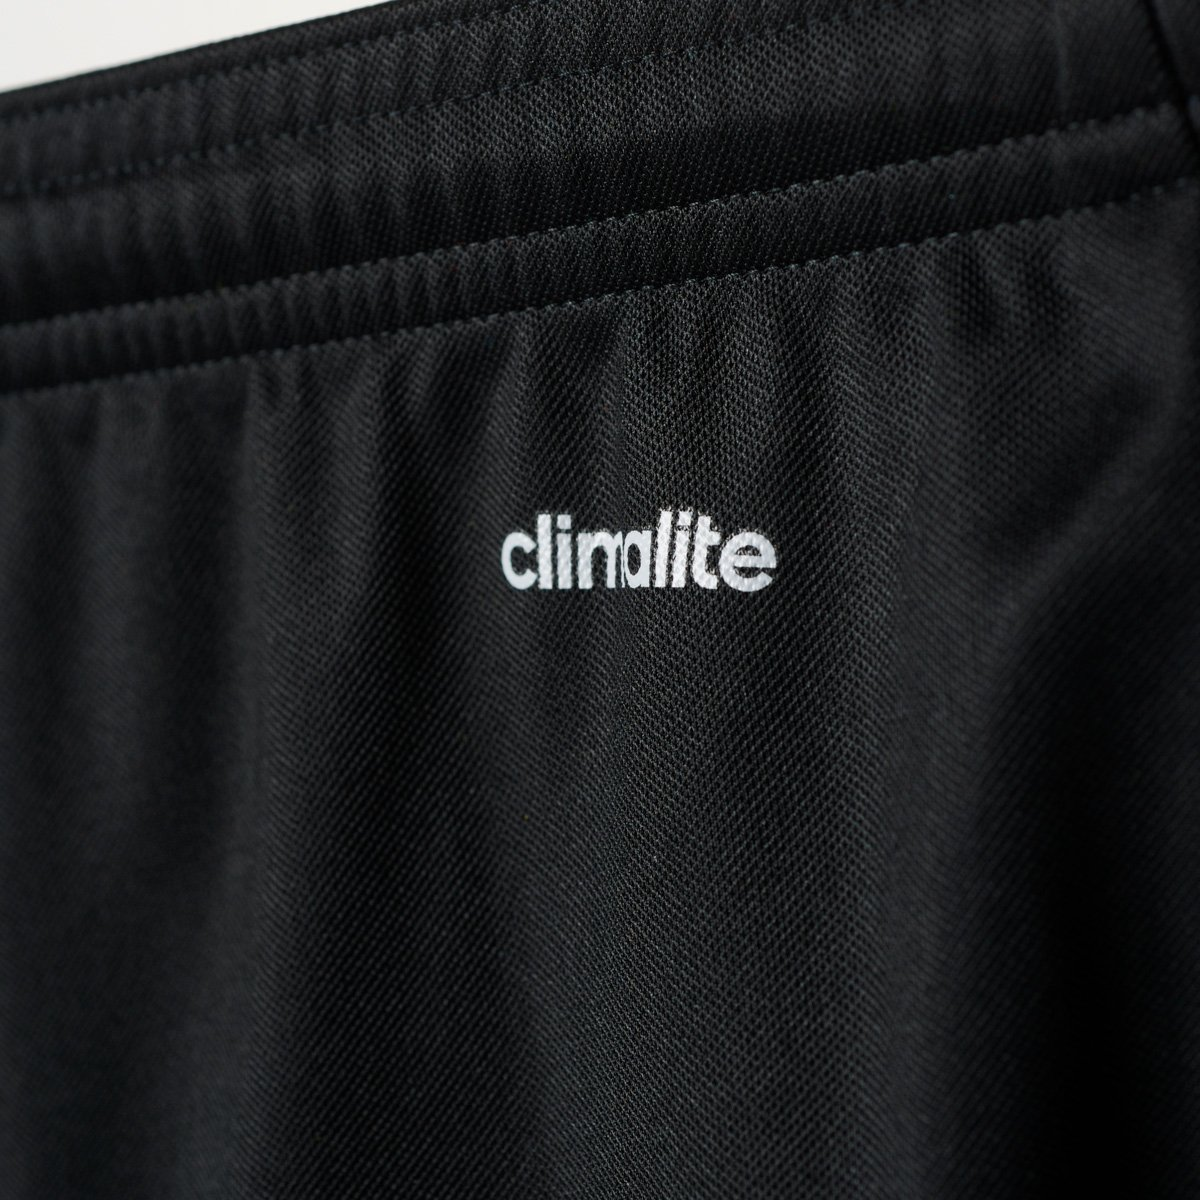 Calção Adidas Parma Masculino - Preto e Branco - Compre Agora  3a63a57ca5d6f